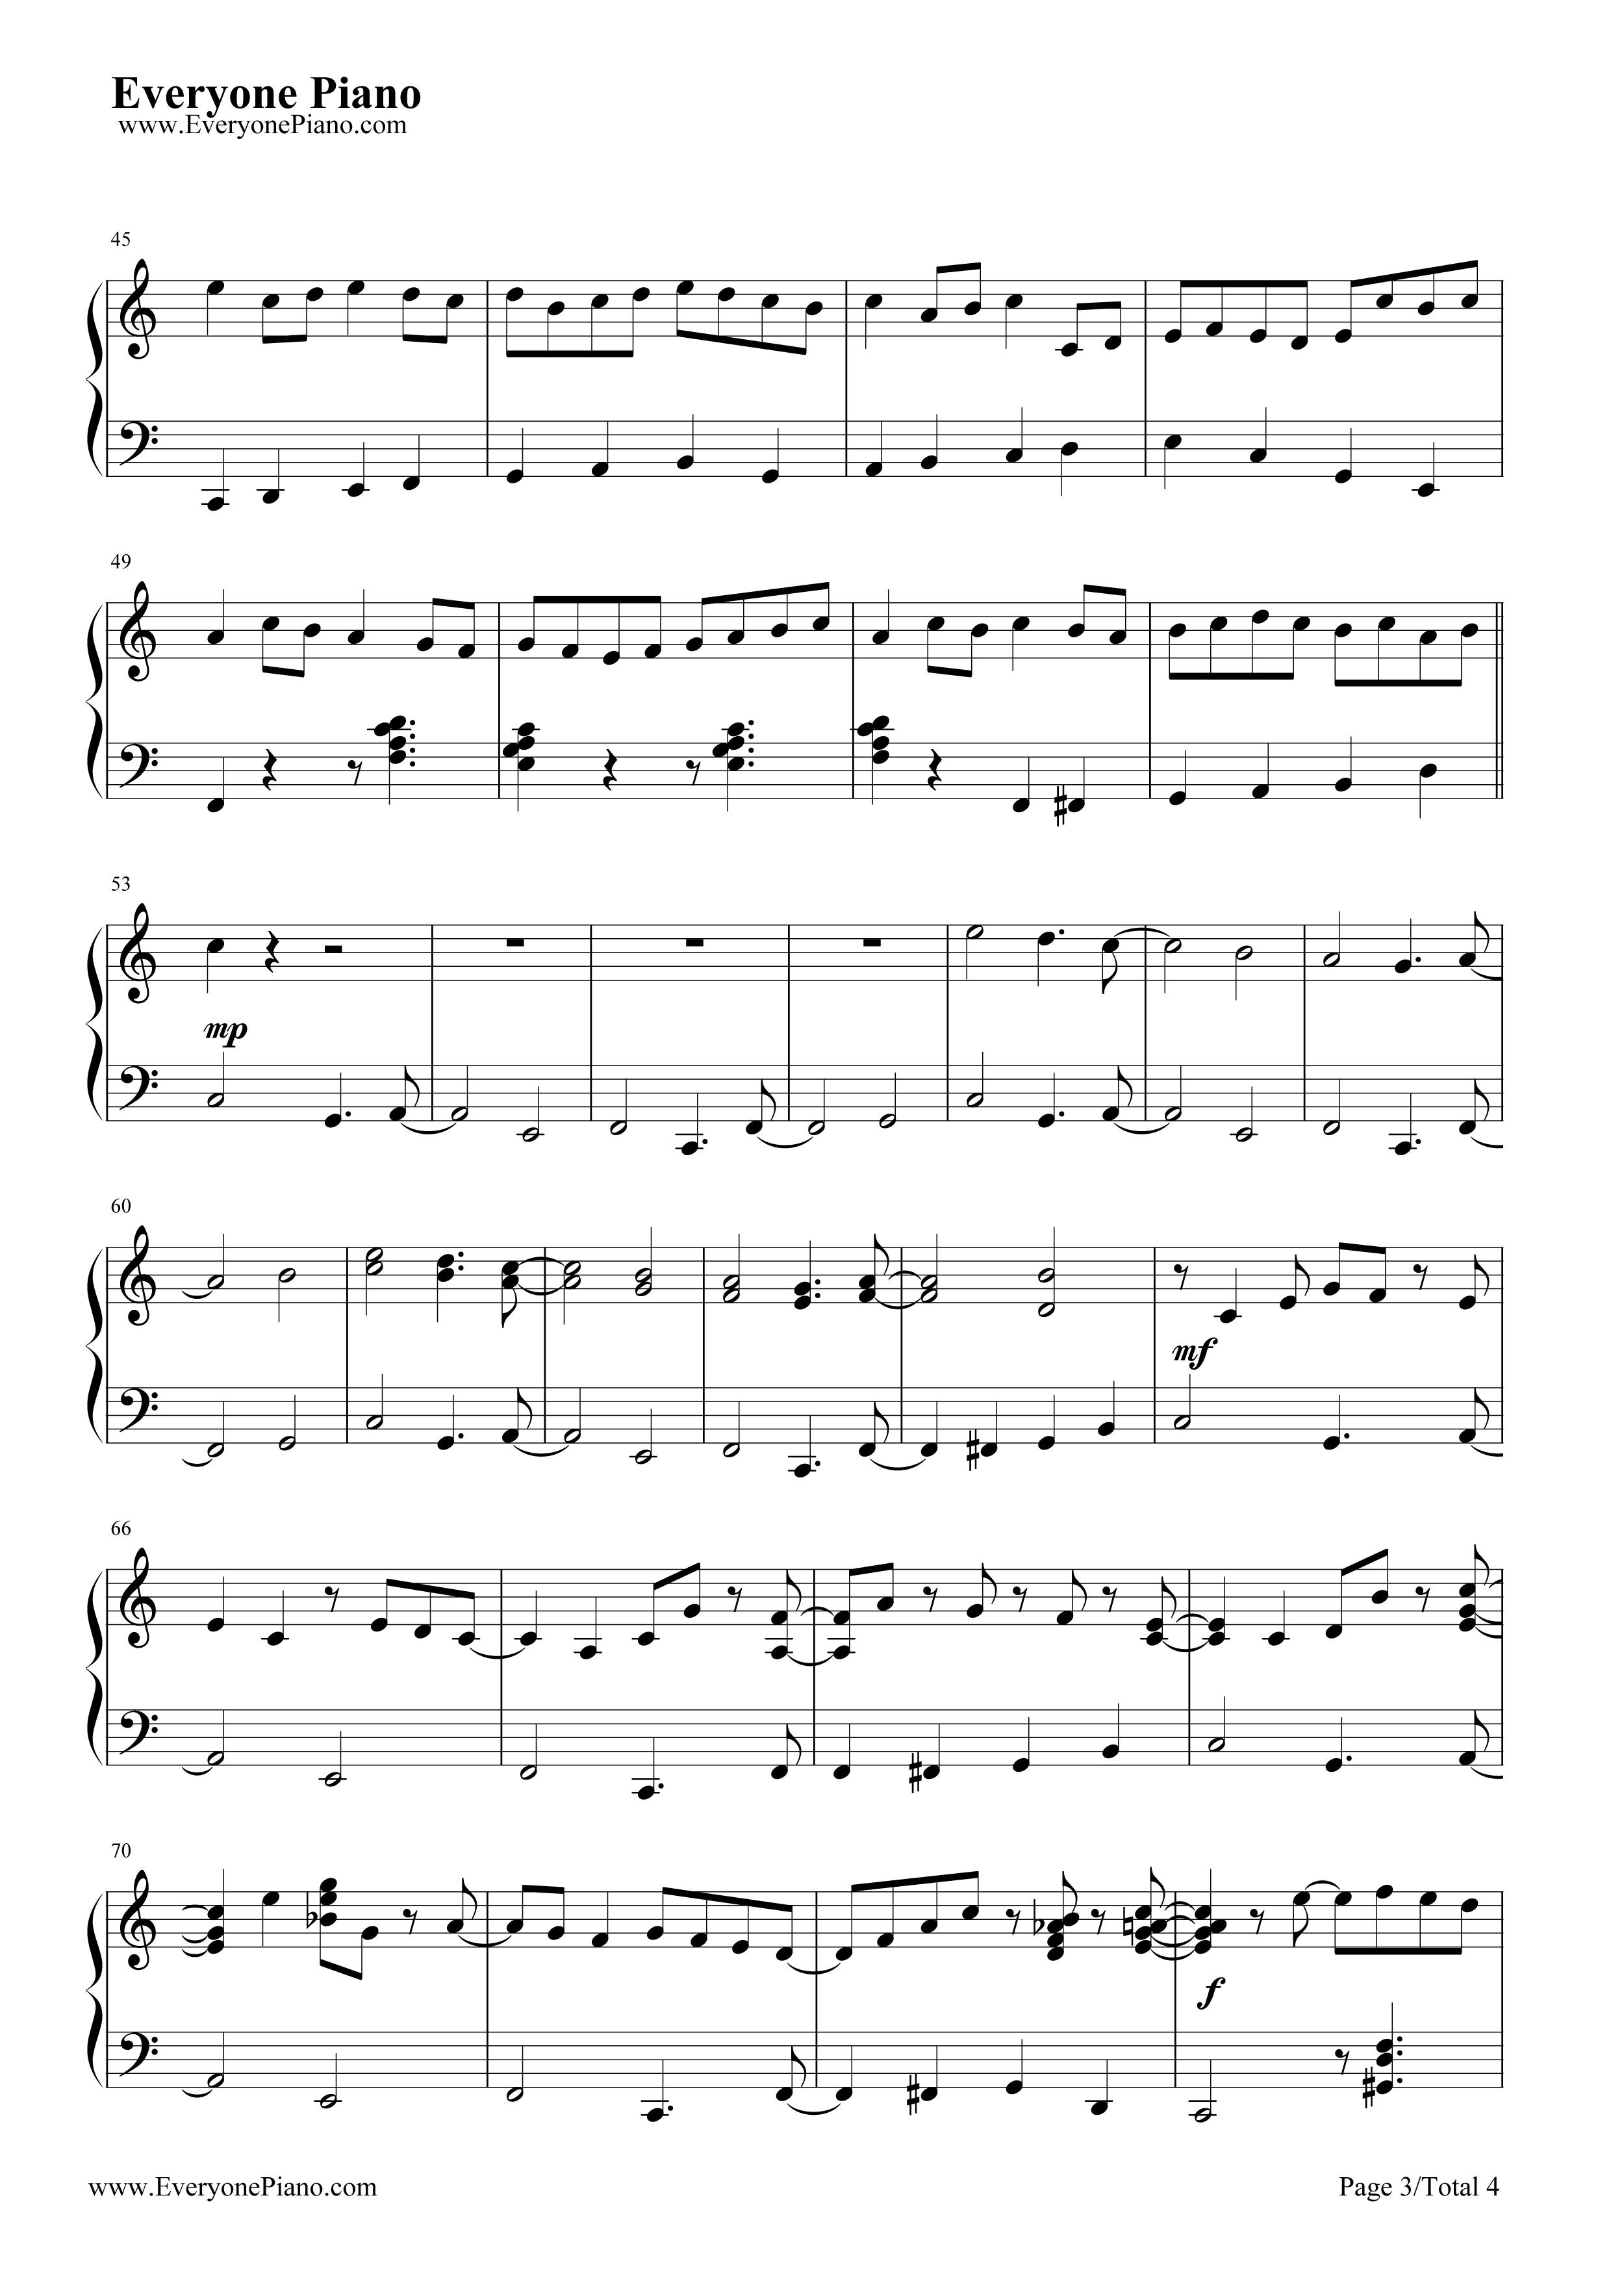 钢琴曲谱 经典 卡农-爵士版 卡农-爵士版五线谱预览3  }  仅供学习